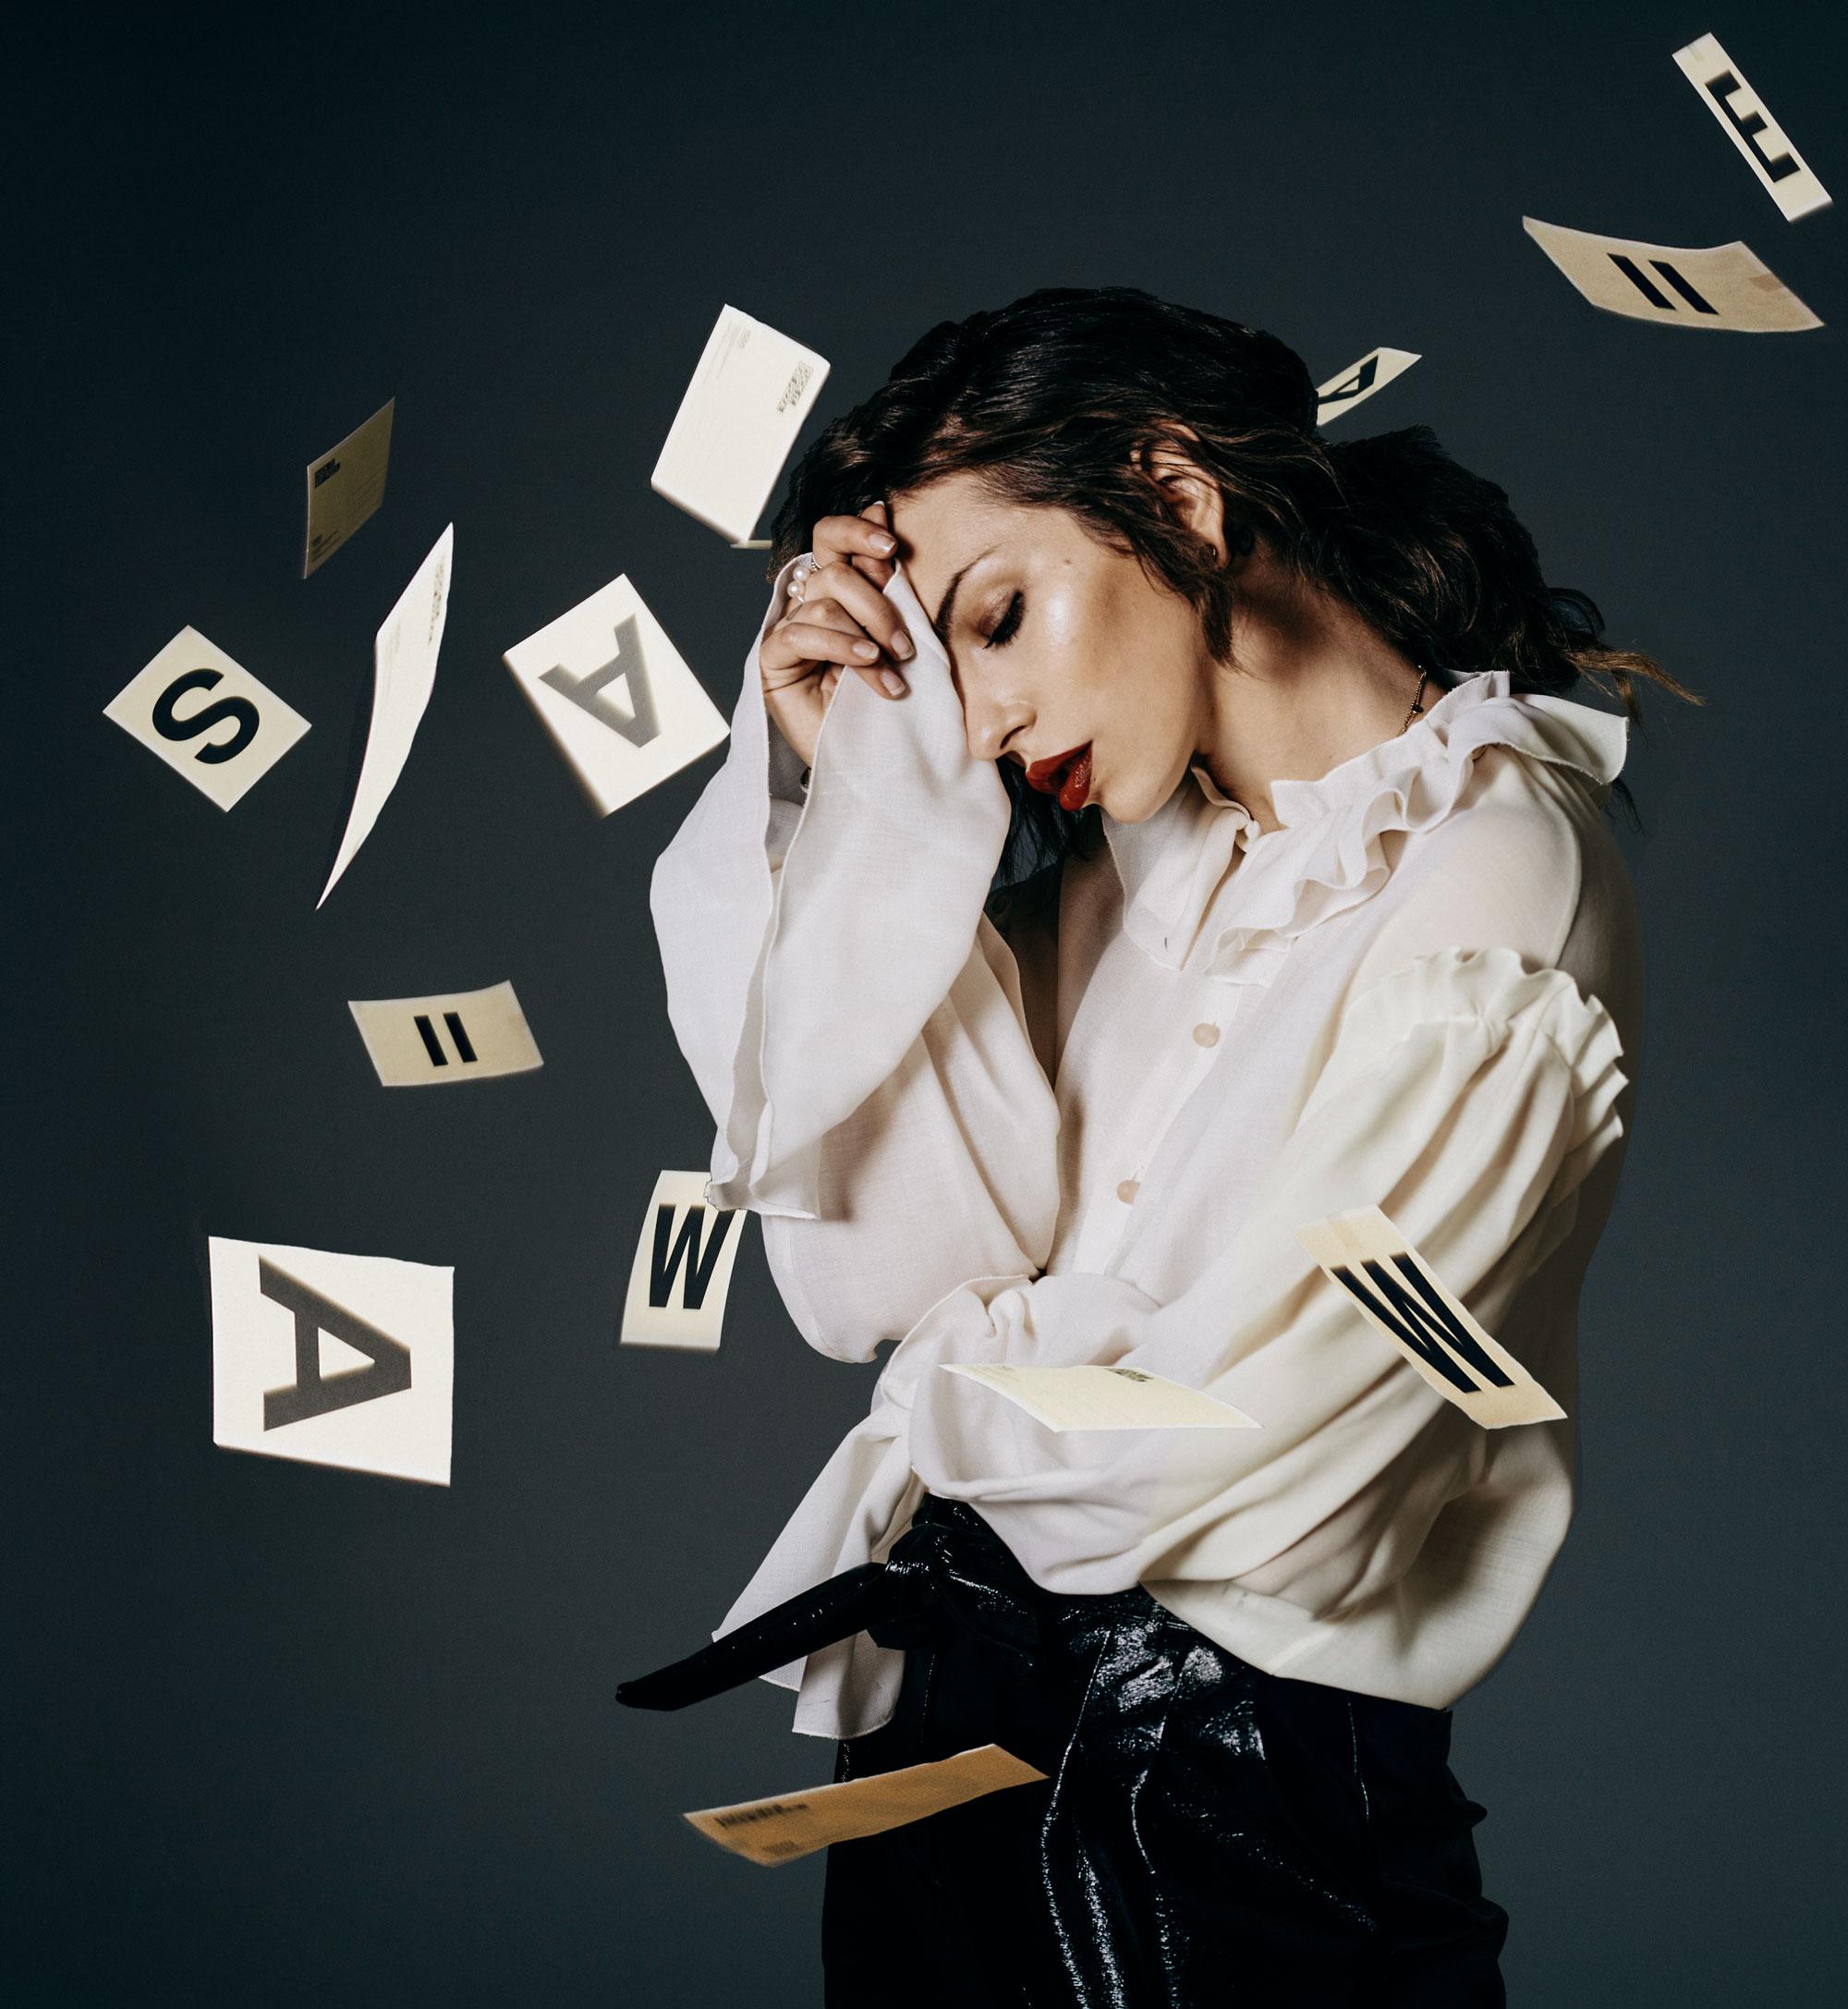 elbstständigkeit: Anmeldung, Rechnungen, Steuern | extra für Blogger | Buchhaltung, Tipps, Leitfaden | Wie mache ich mich selbstständig?